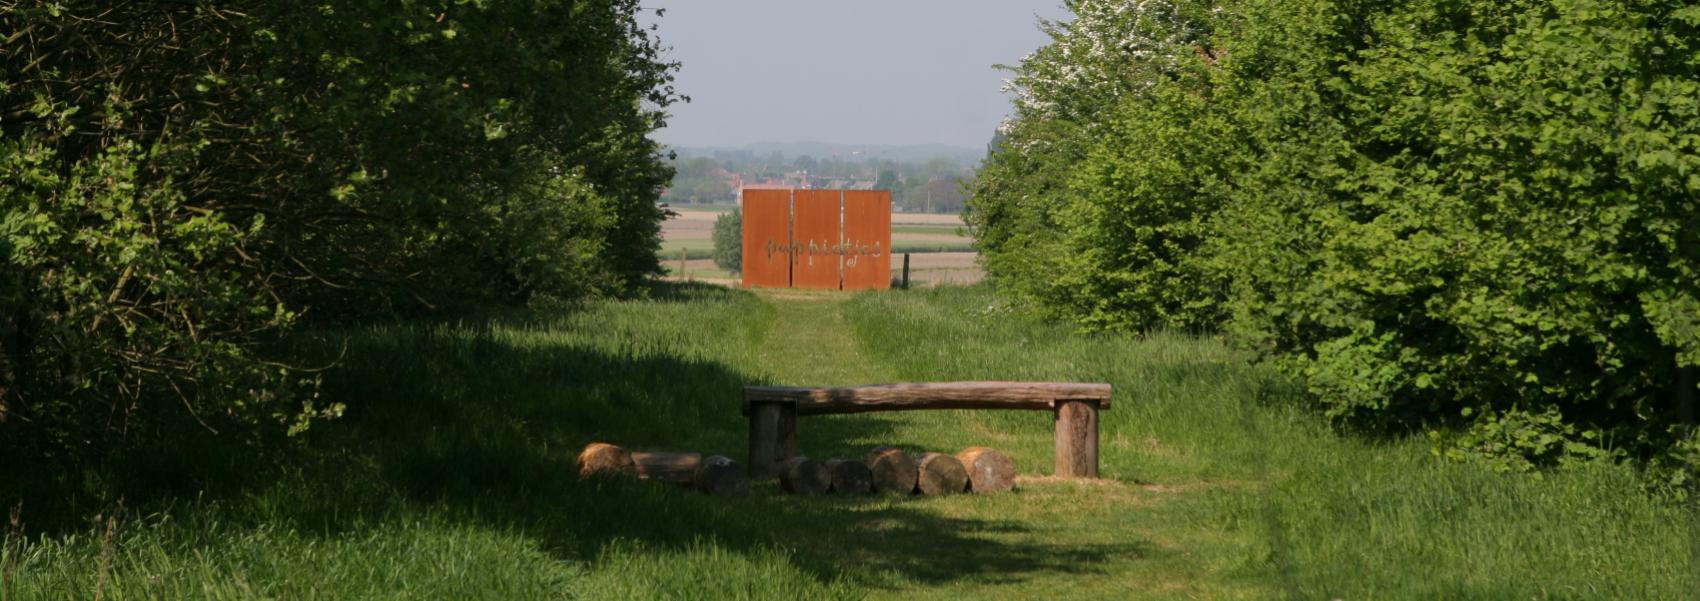 een kunstwerk in het landschap